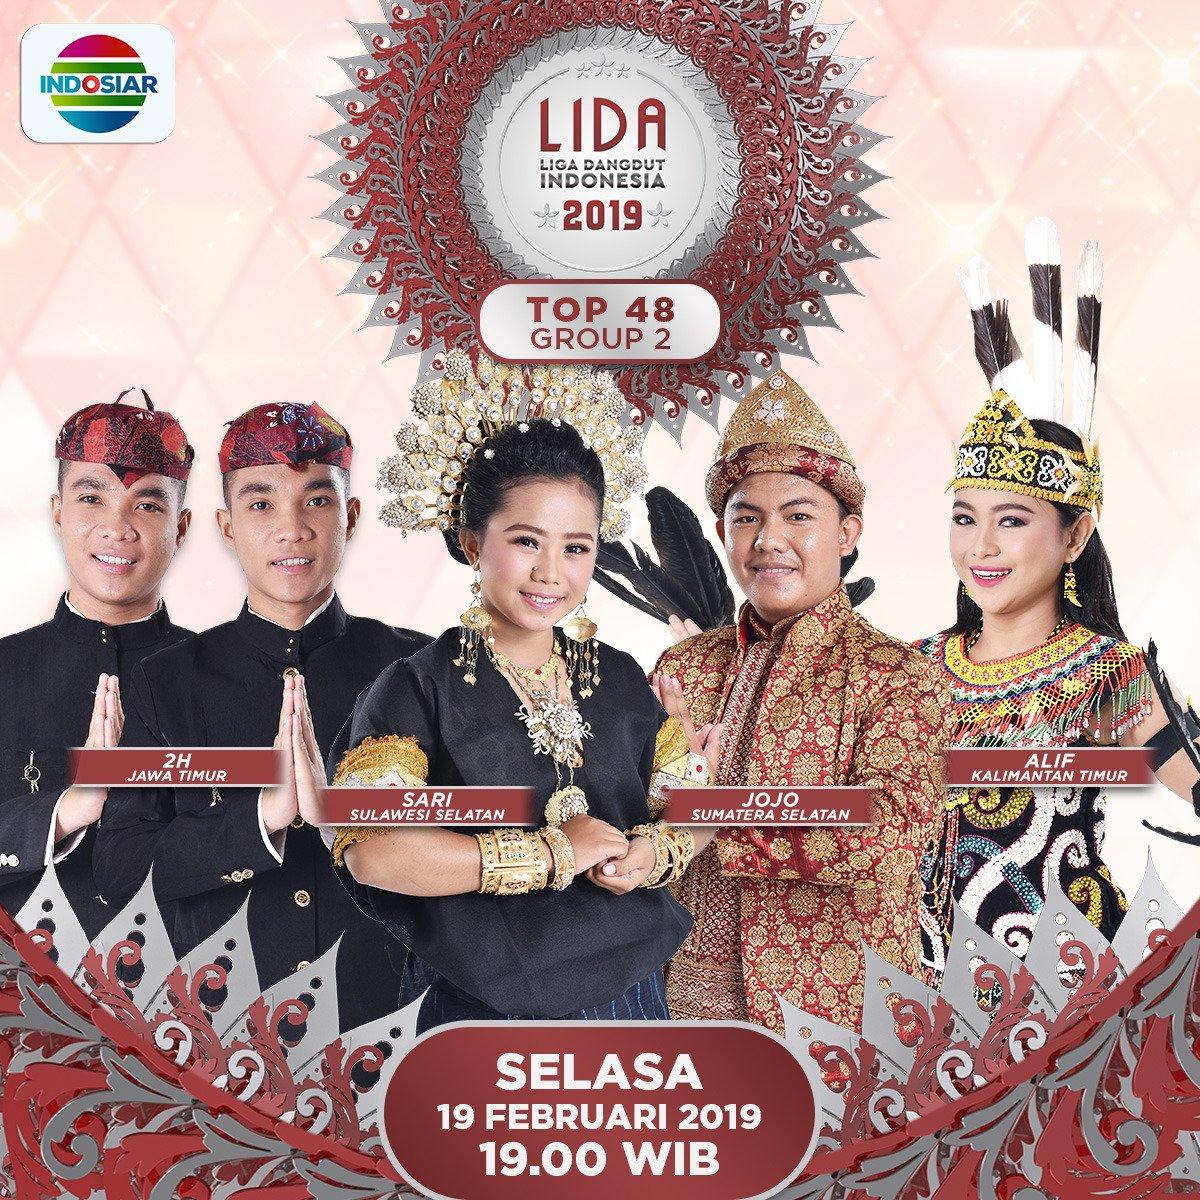 Hai Indosair Mania, jangan sampai ketinggalan yaa dengan serunya penampilan:   2H (Jawa Timur) Alif (Kalimantan Timur)  Jojo (Sumatera Selatan)  Sari (Sulawesi Selatan)   Di konser grup 2 babak top 48 #LIDA2019, malam ini pukul 19.00 WIB.